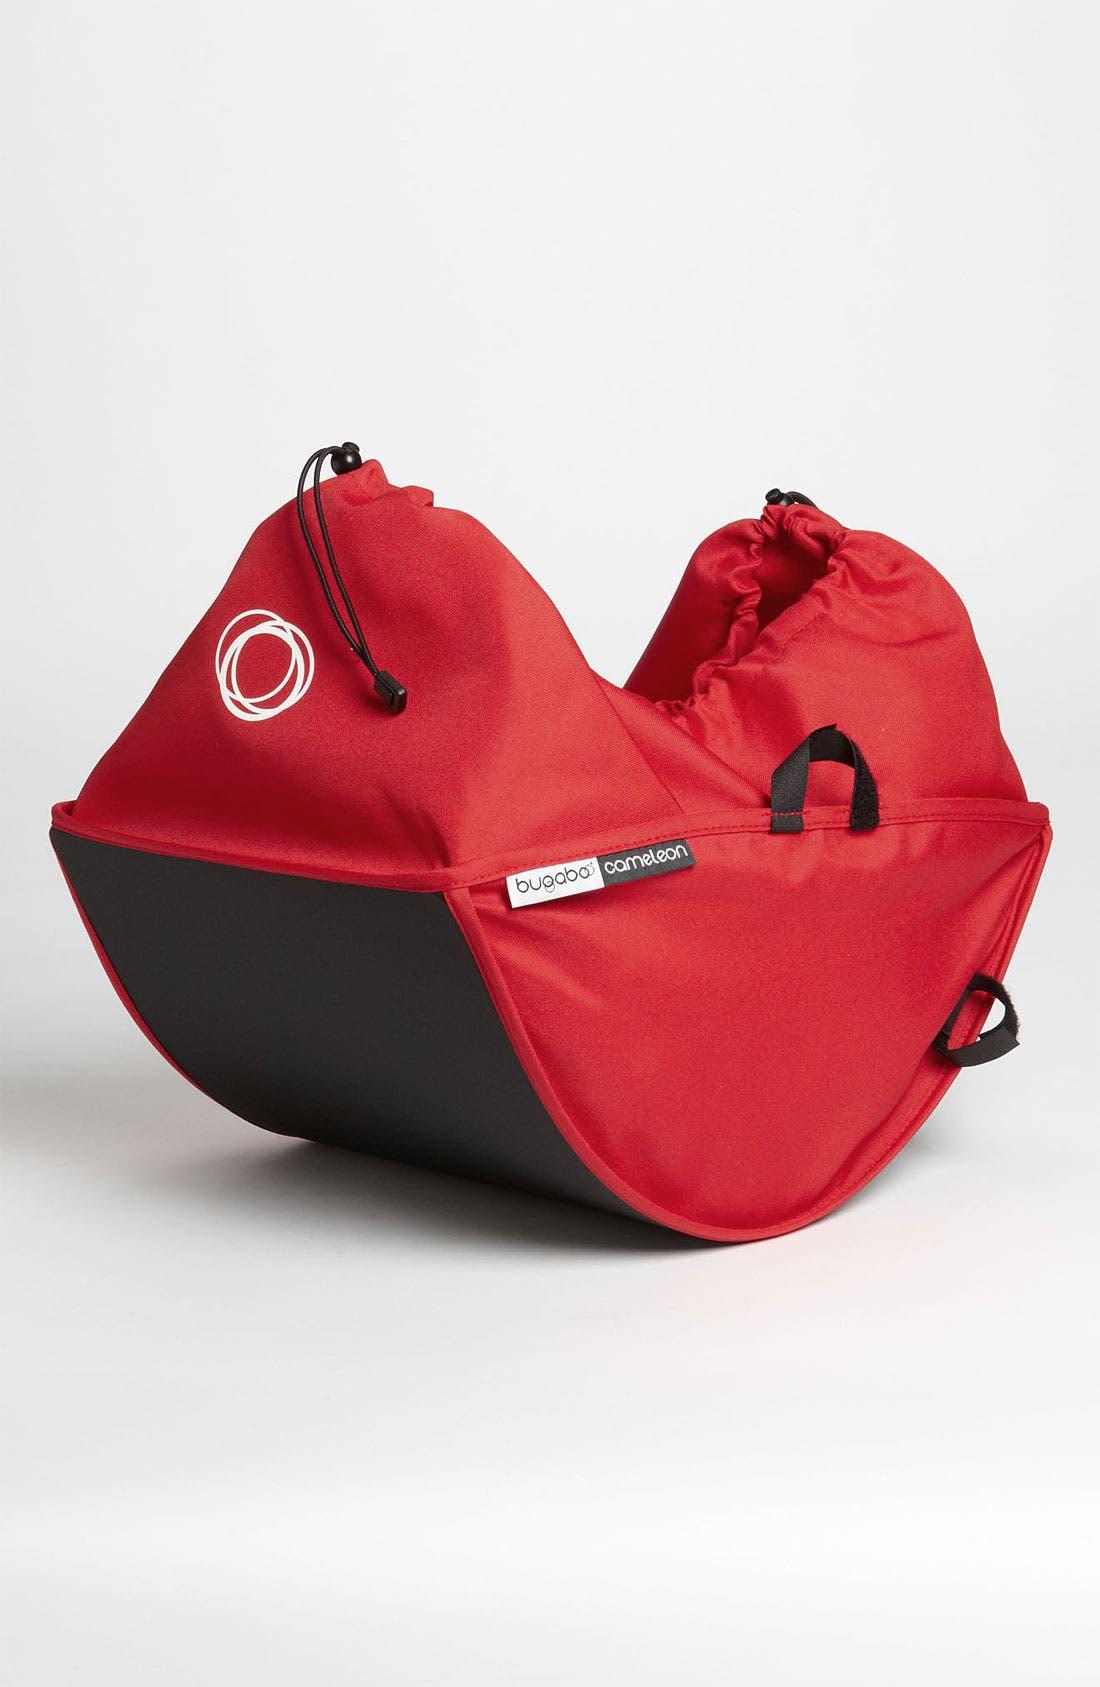 Main Image - Bugaboo 'Cameleon' Stroller Under Seat Bag